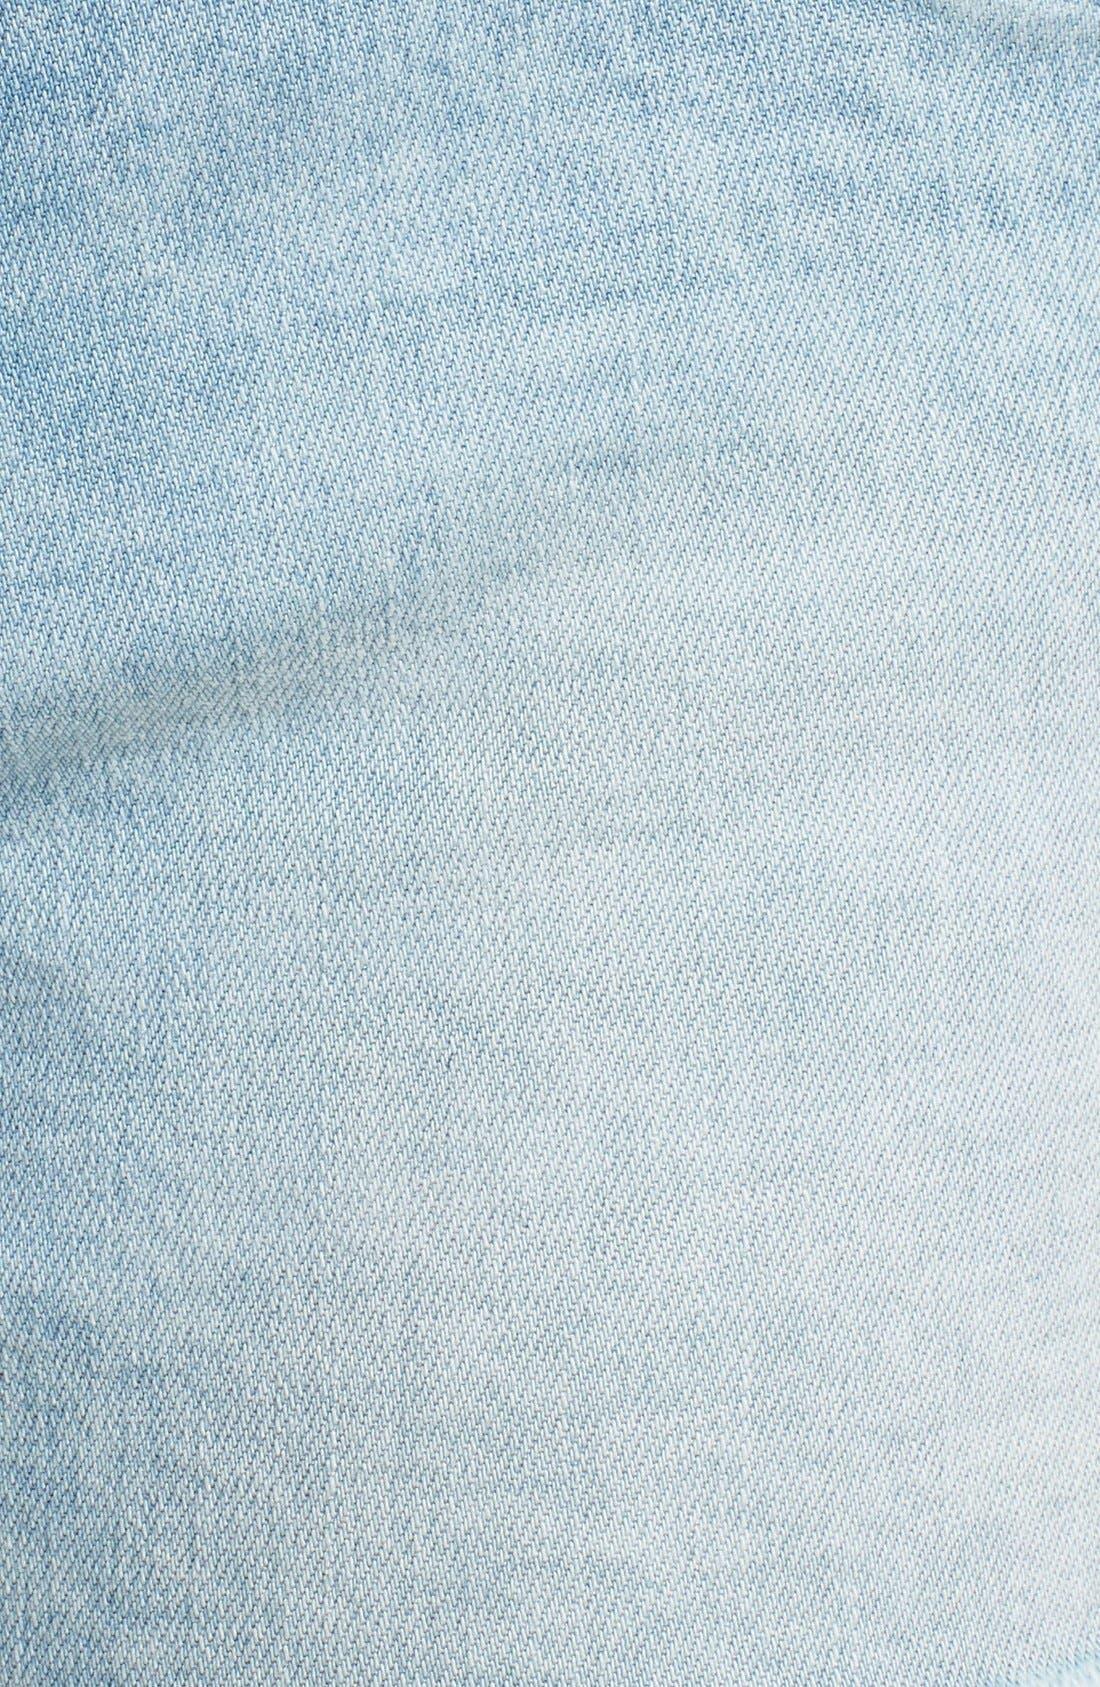 Alternate Image 5  - BLANKNYC 'Emoji Fatigue' Denim Cutoff Shorts